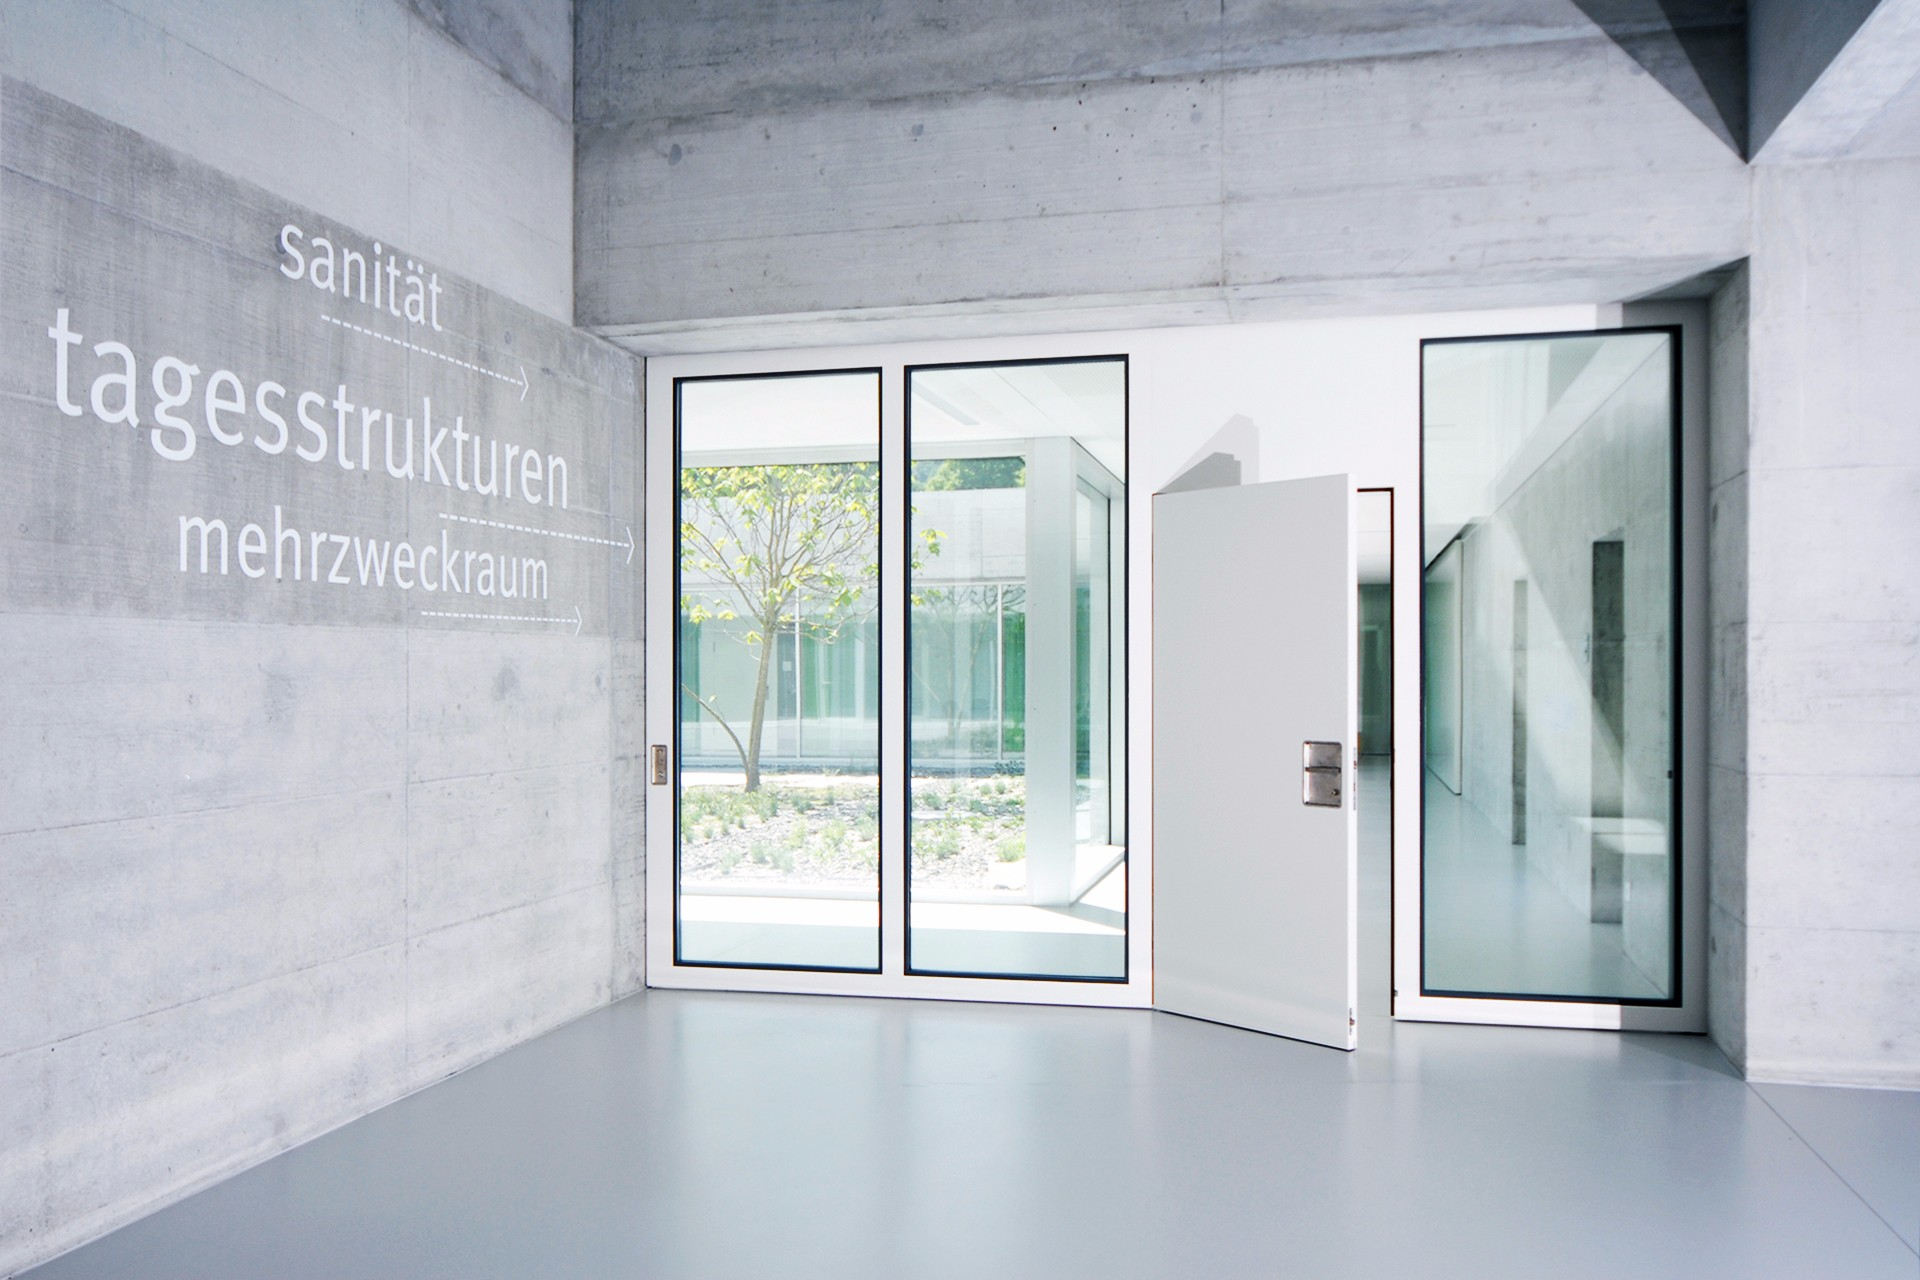 Schiebetor EI30 Glas Fluchttüre Brandschutz